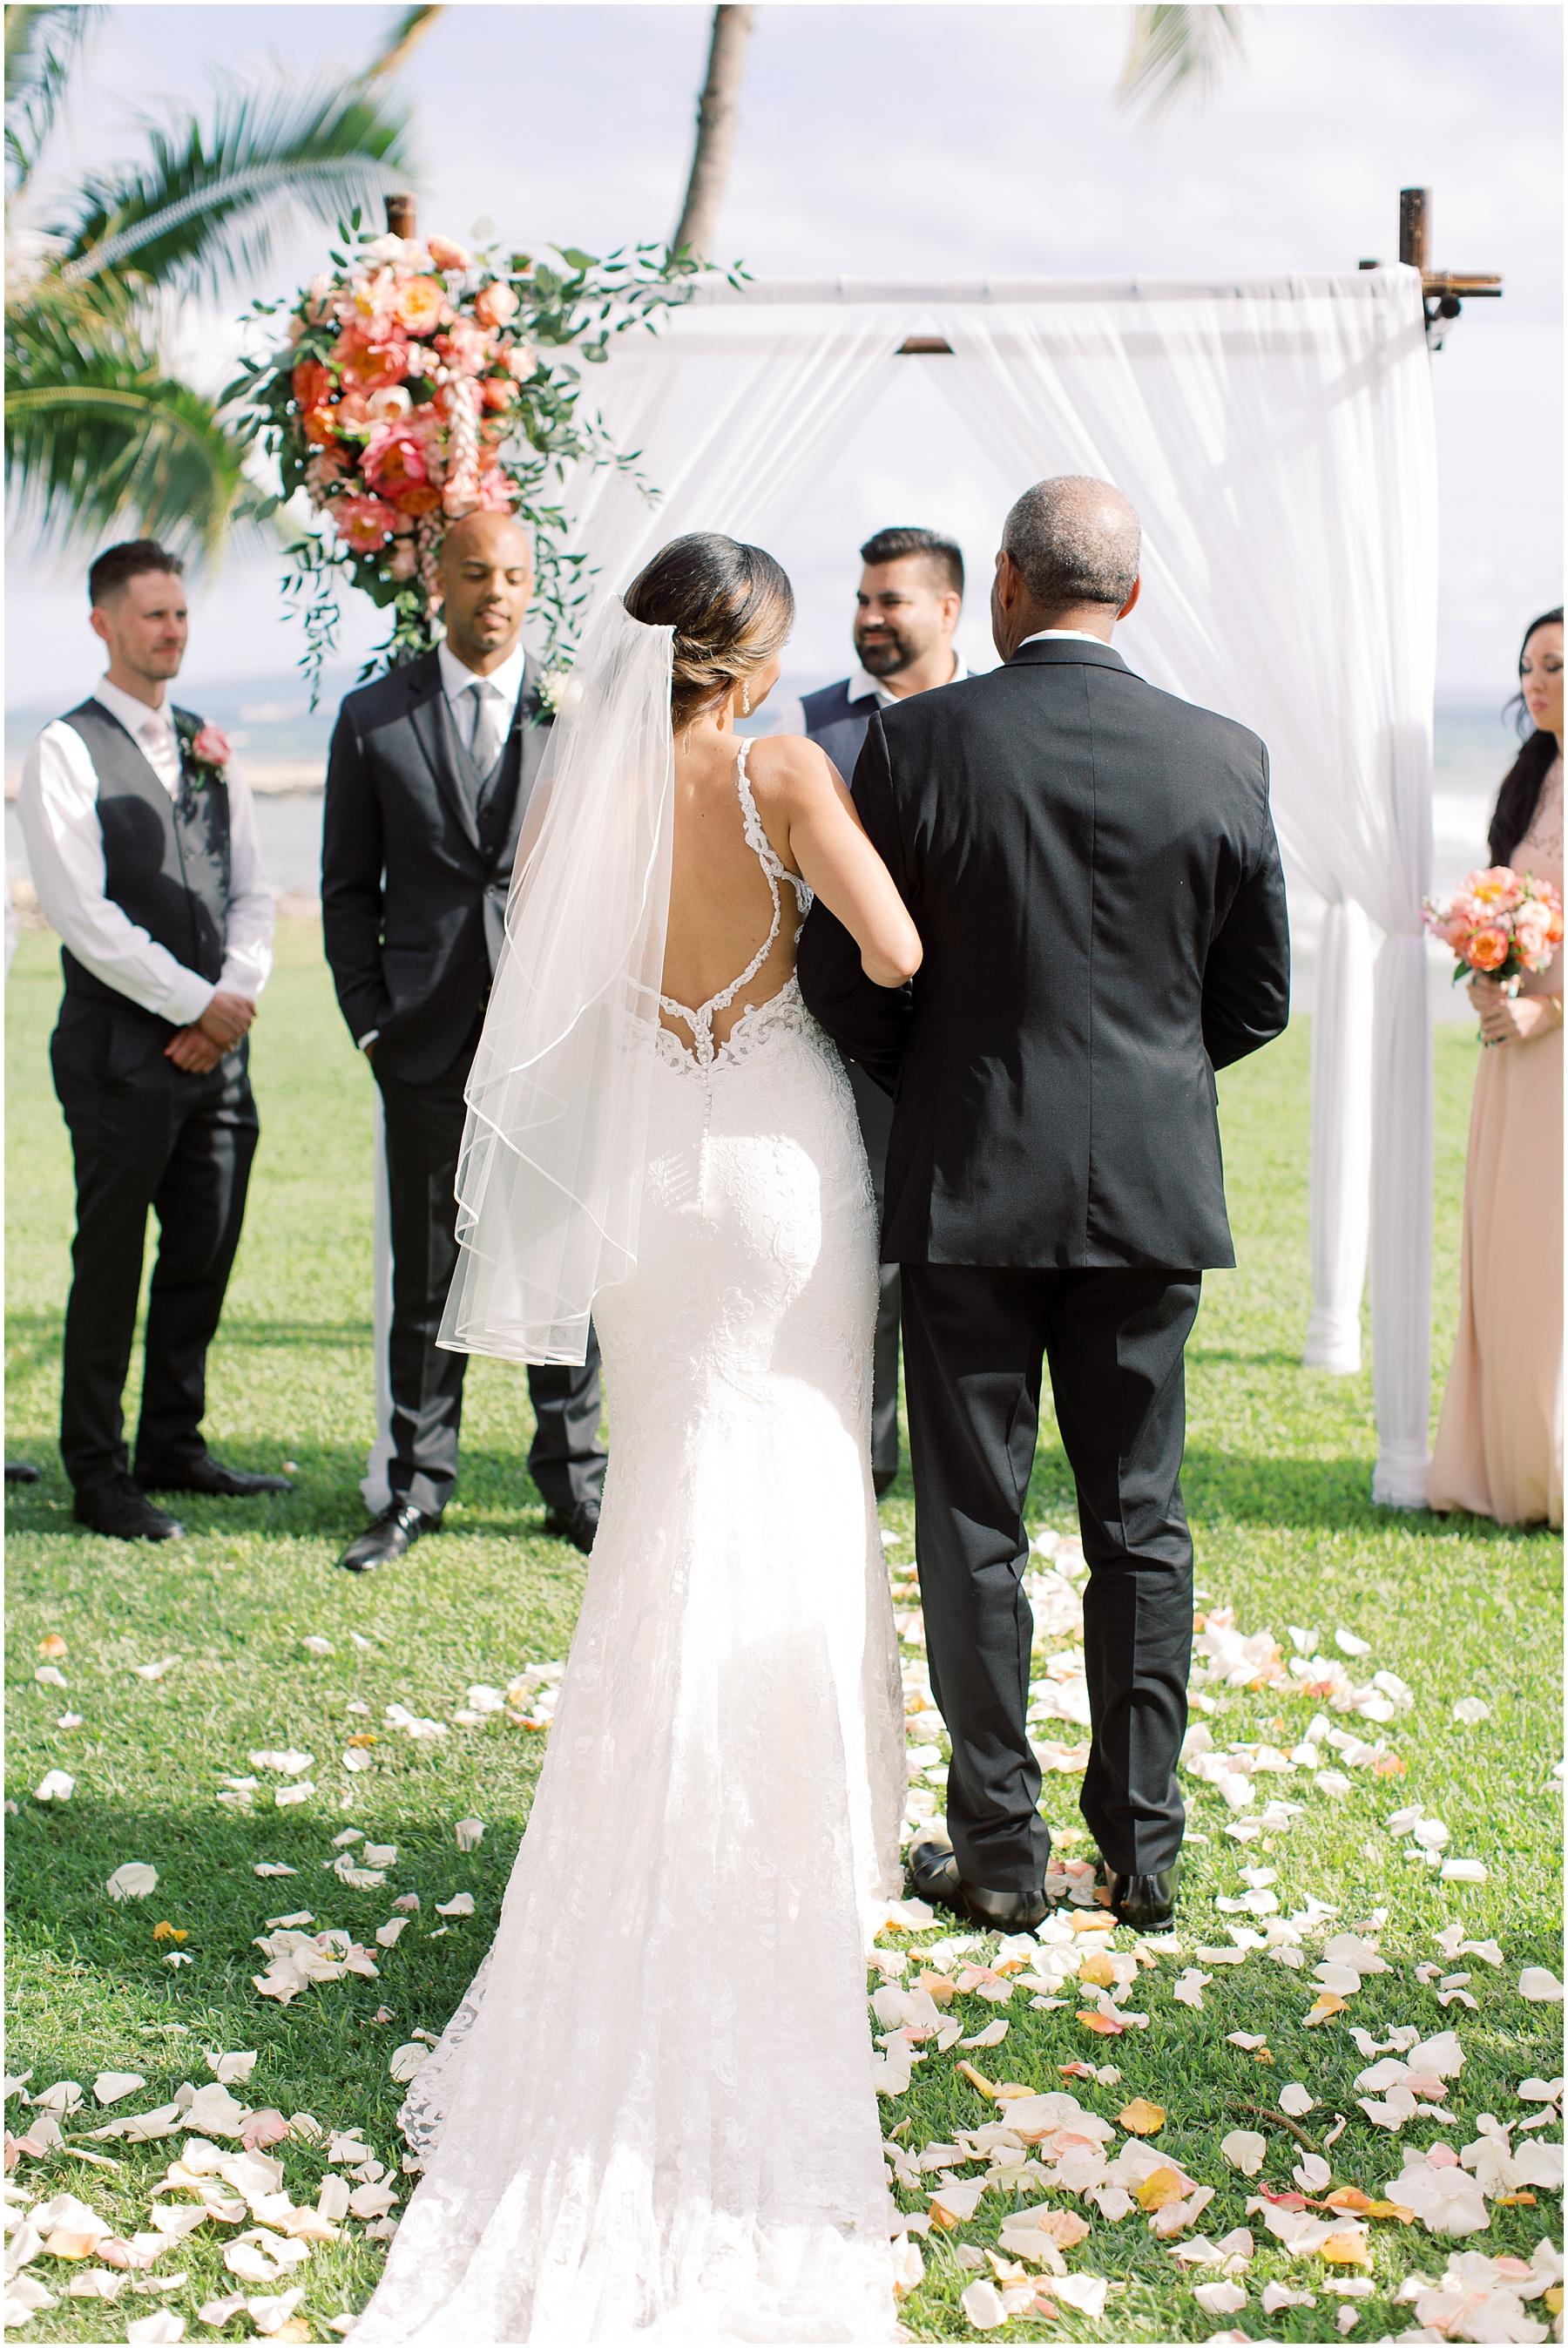 Olowalu-plantation-house-maui-hawaii-wedding-208.jpg